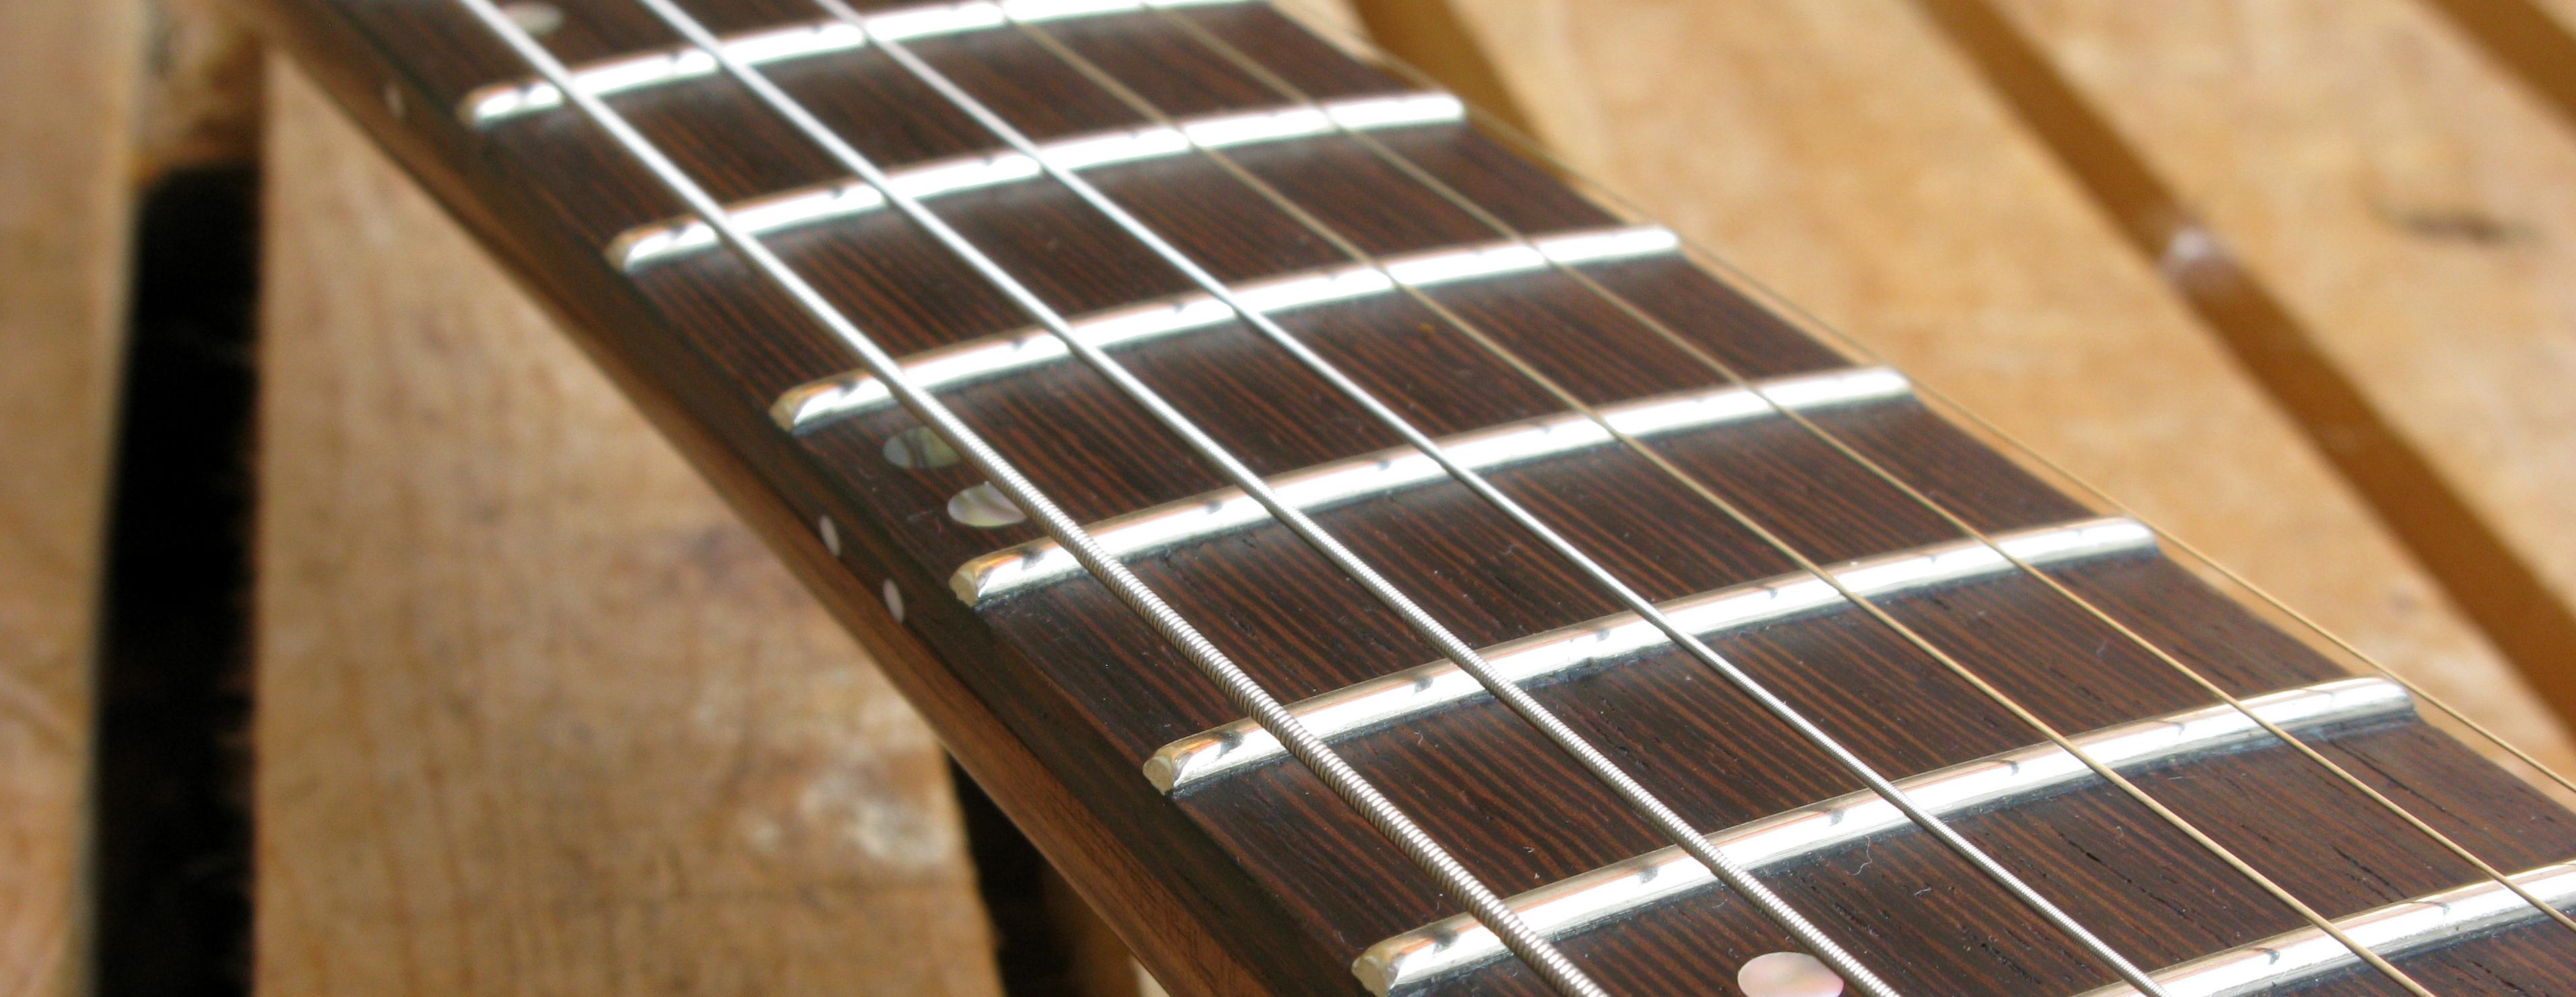 Tastiera in wengè di una chitarra Telecaster in pioppo antico